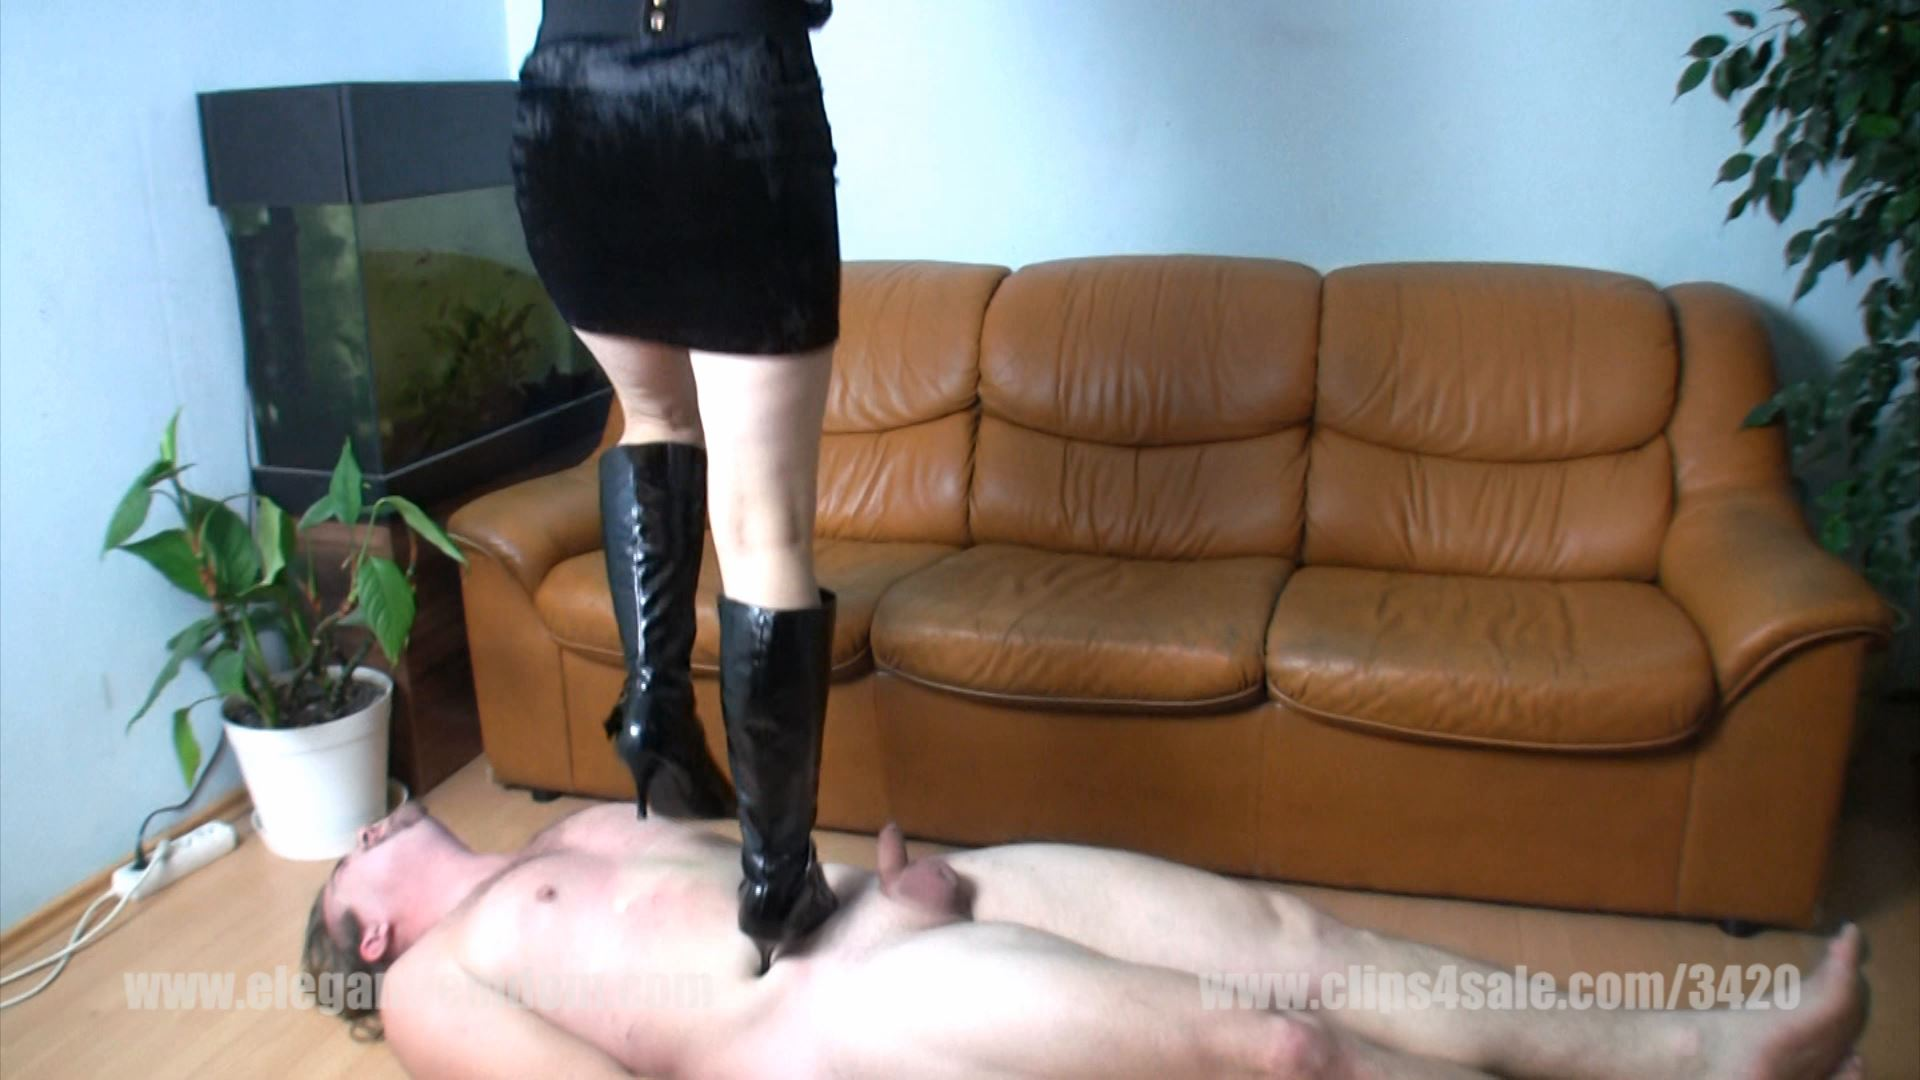 Sophie tramples this poor male slave very hard - ELEGANTFEMDOM - FULL HD/1080p/MP4